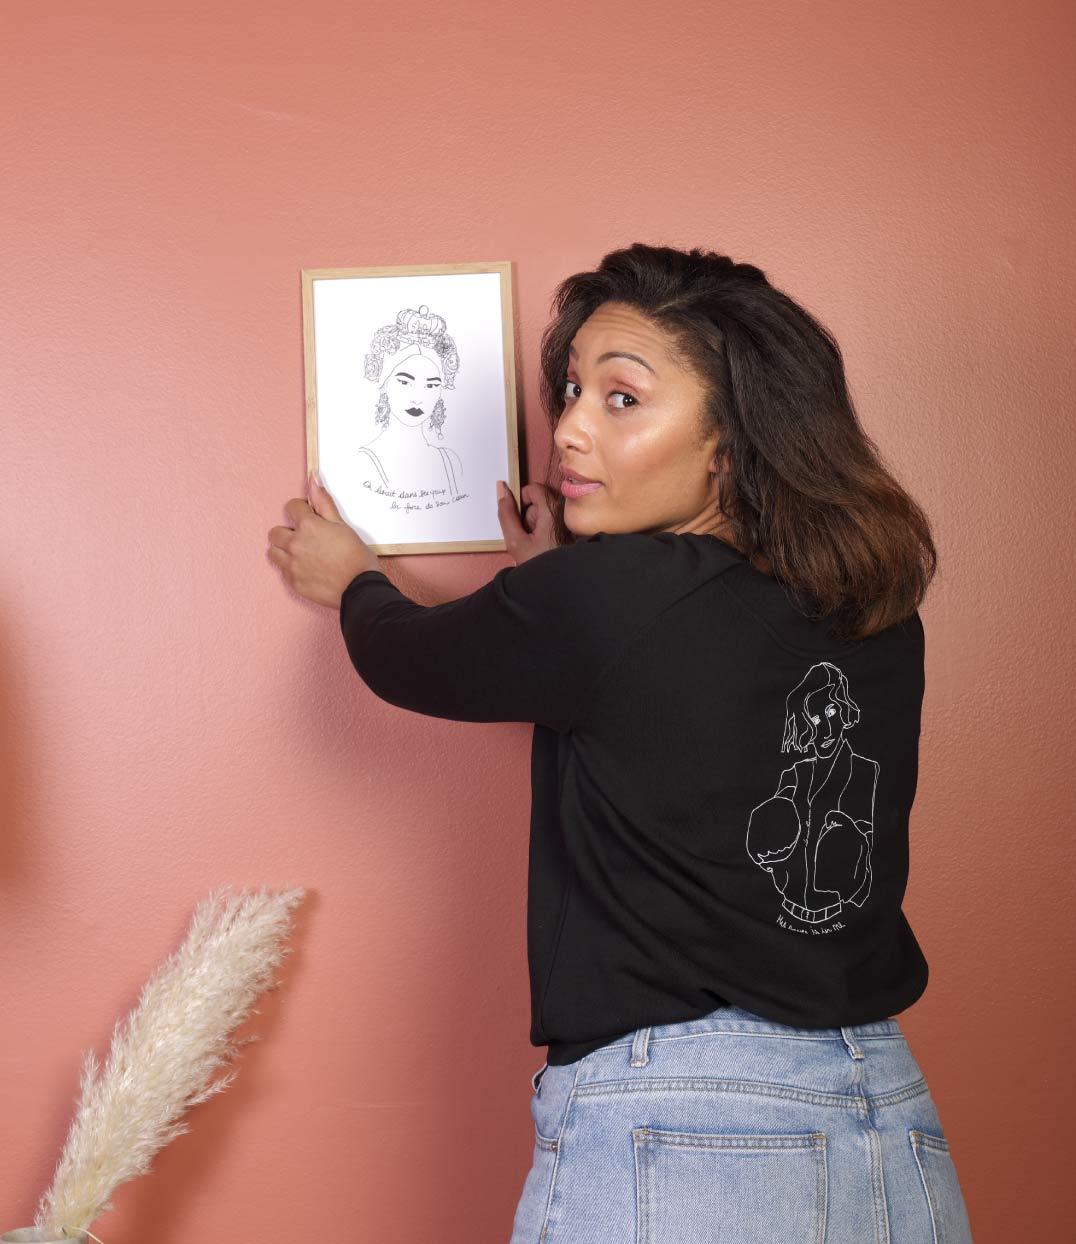 femme de dos dans le salon avec un sweat freyja noir leonor roversi tenant une affiche esperanza